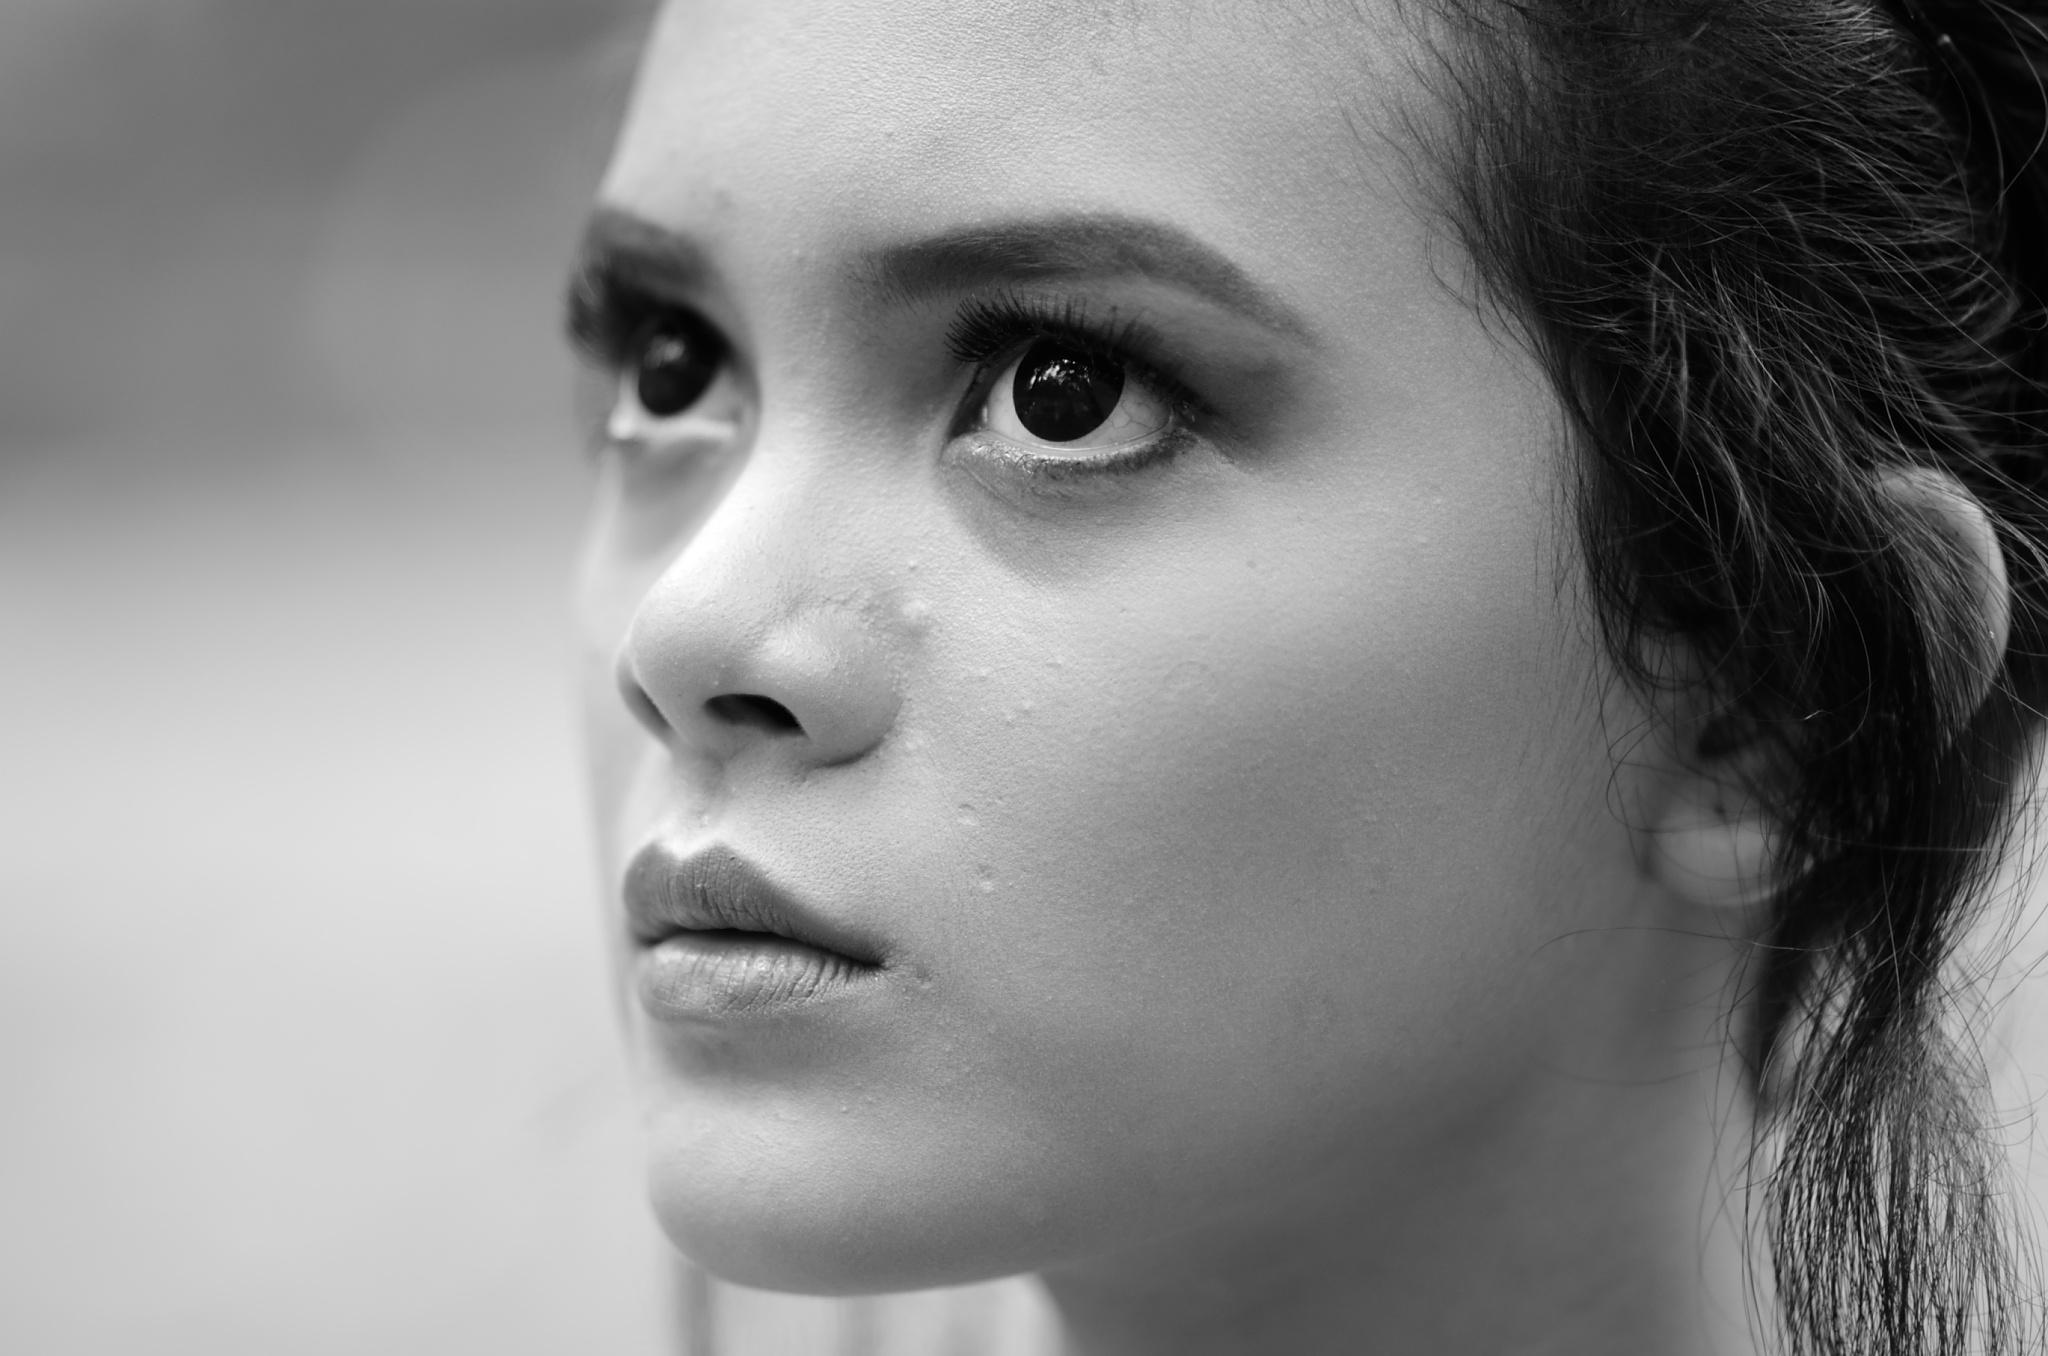 Close-up#6 by Yulius B Susilo